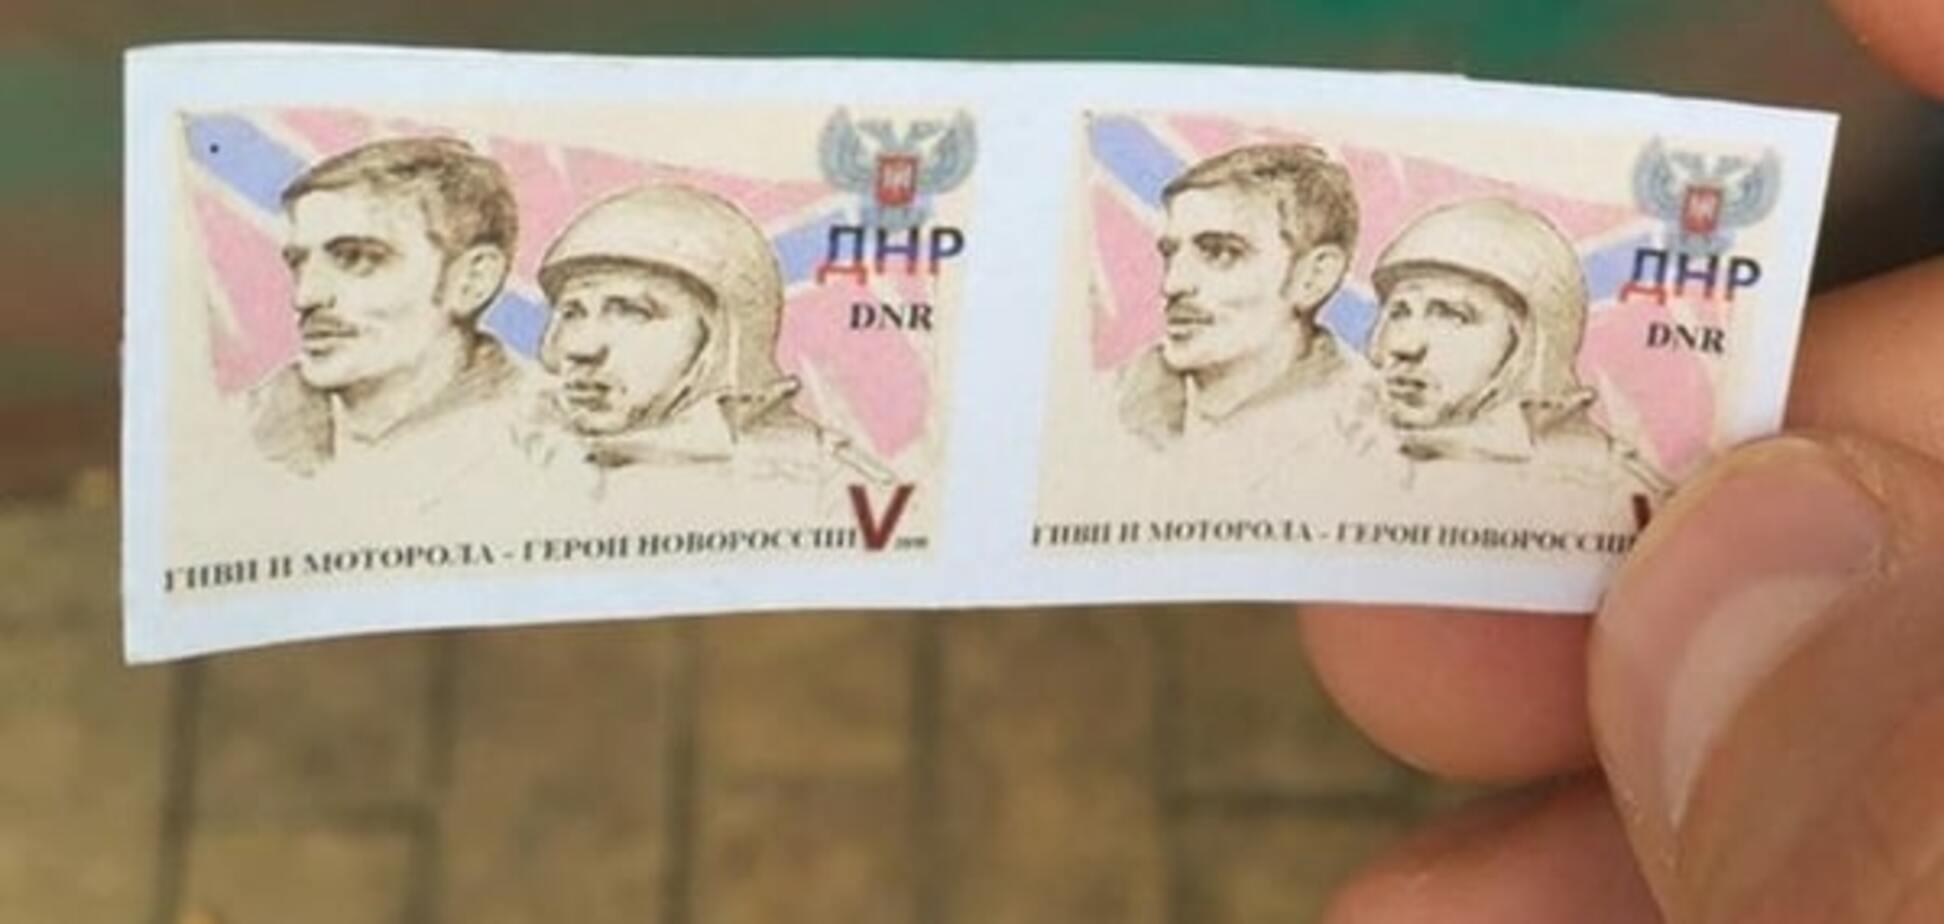 Отправить открытку из Киеве с маркой 'ДНР'? Легко!